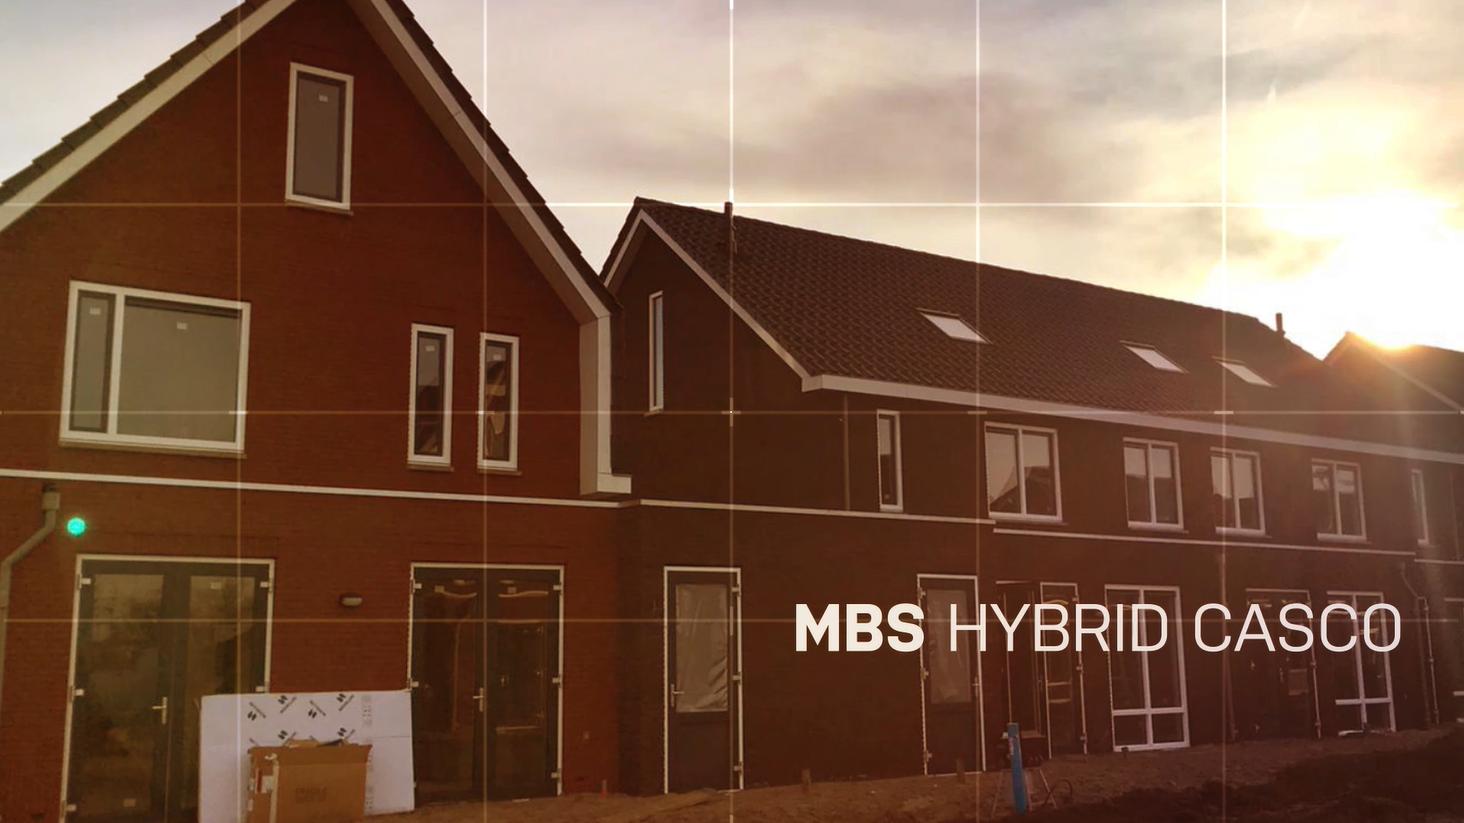 Klantendag MBS Hybrid Casco